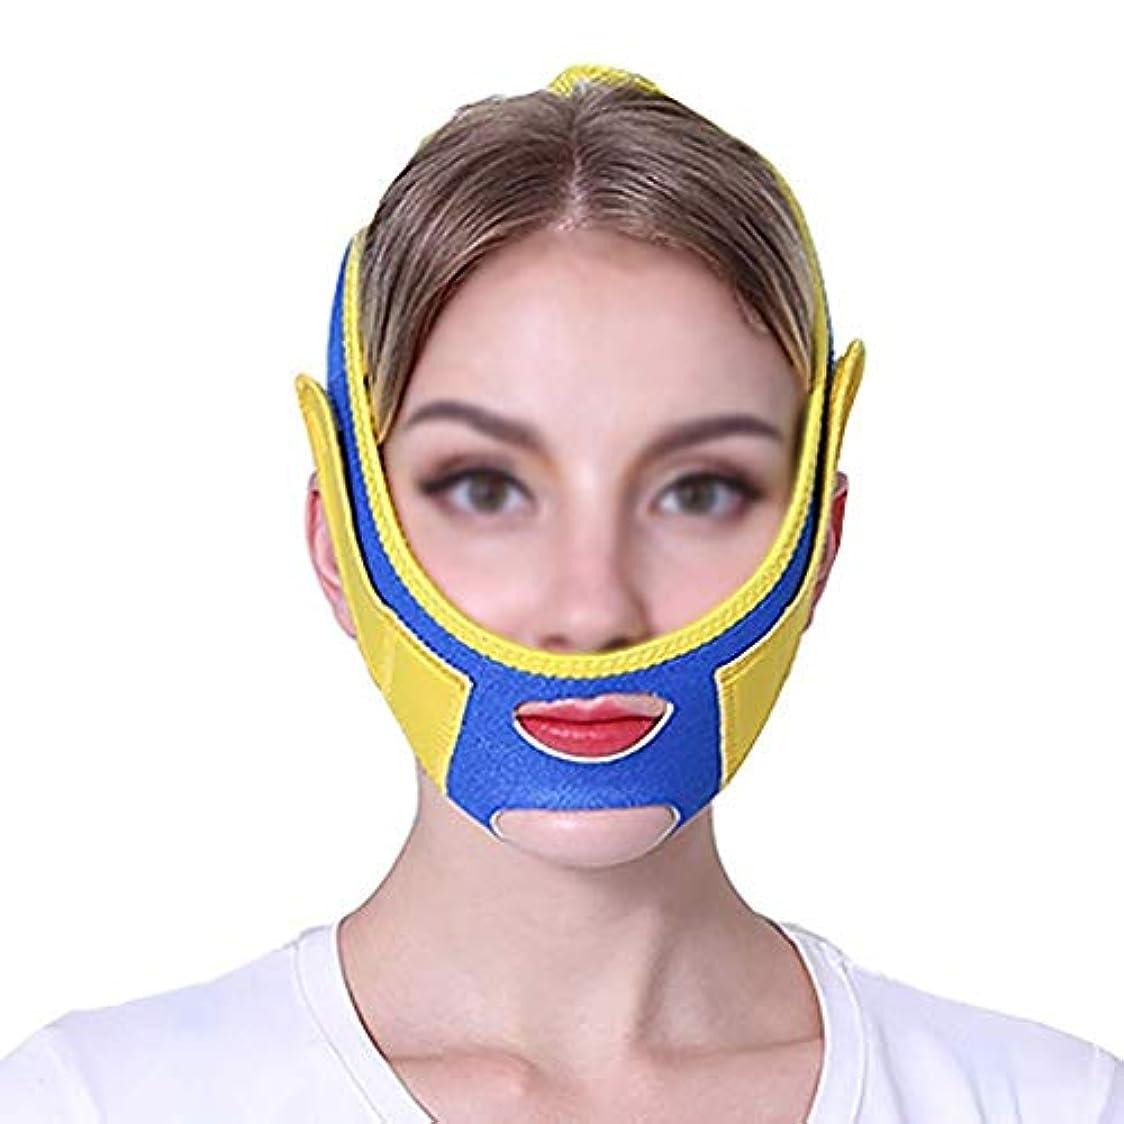 喪染色ファーミングフェイスマスク、スモールVフェイスアーティファクトリフティングマスクフェイスリフティングフェイスメロンフェイスリフティングフェイスマスクファーミングクリームフェイスリフティングバンデージ